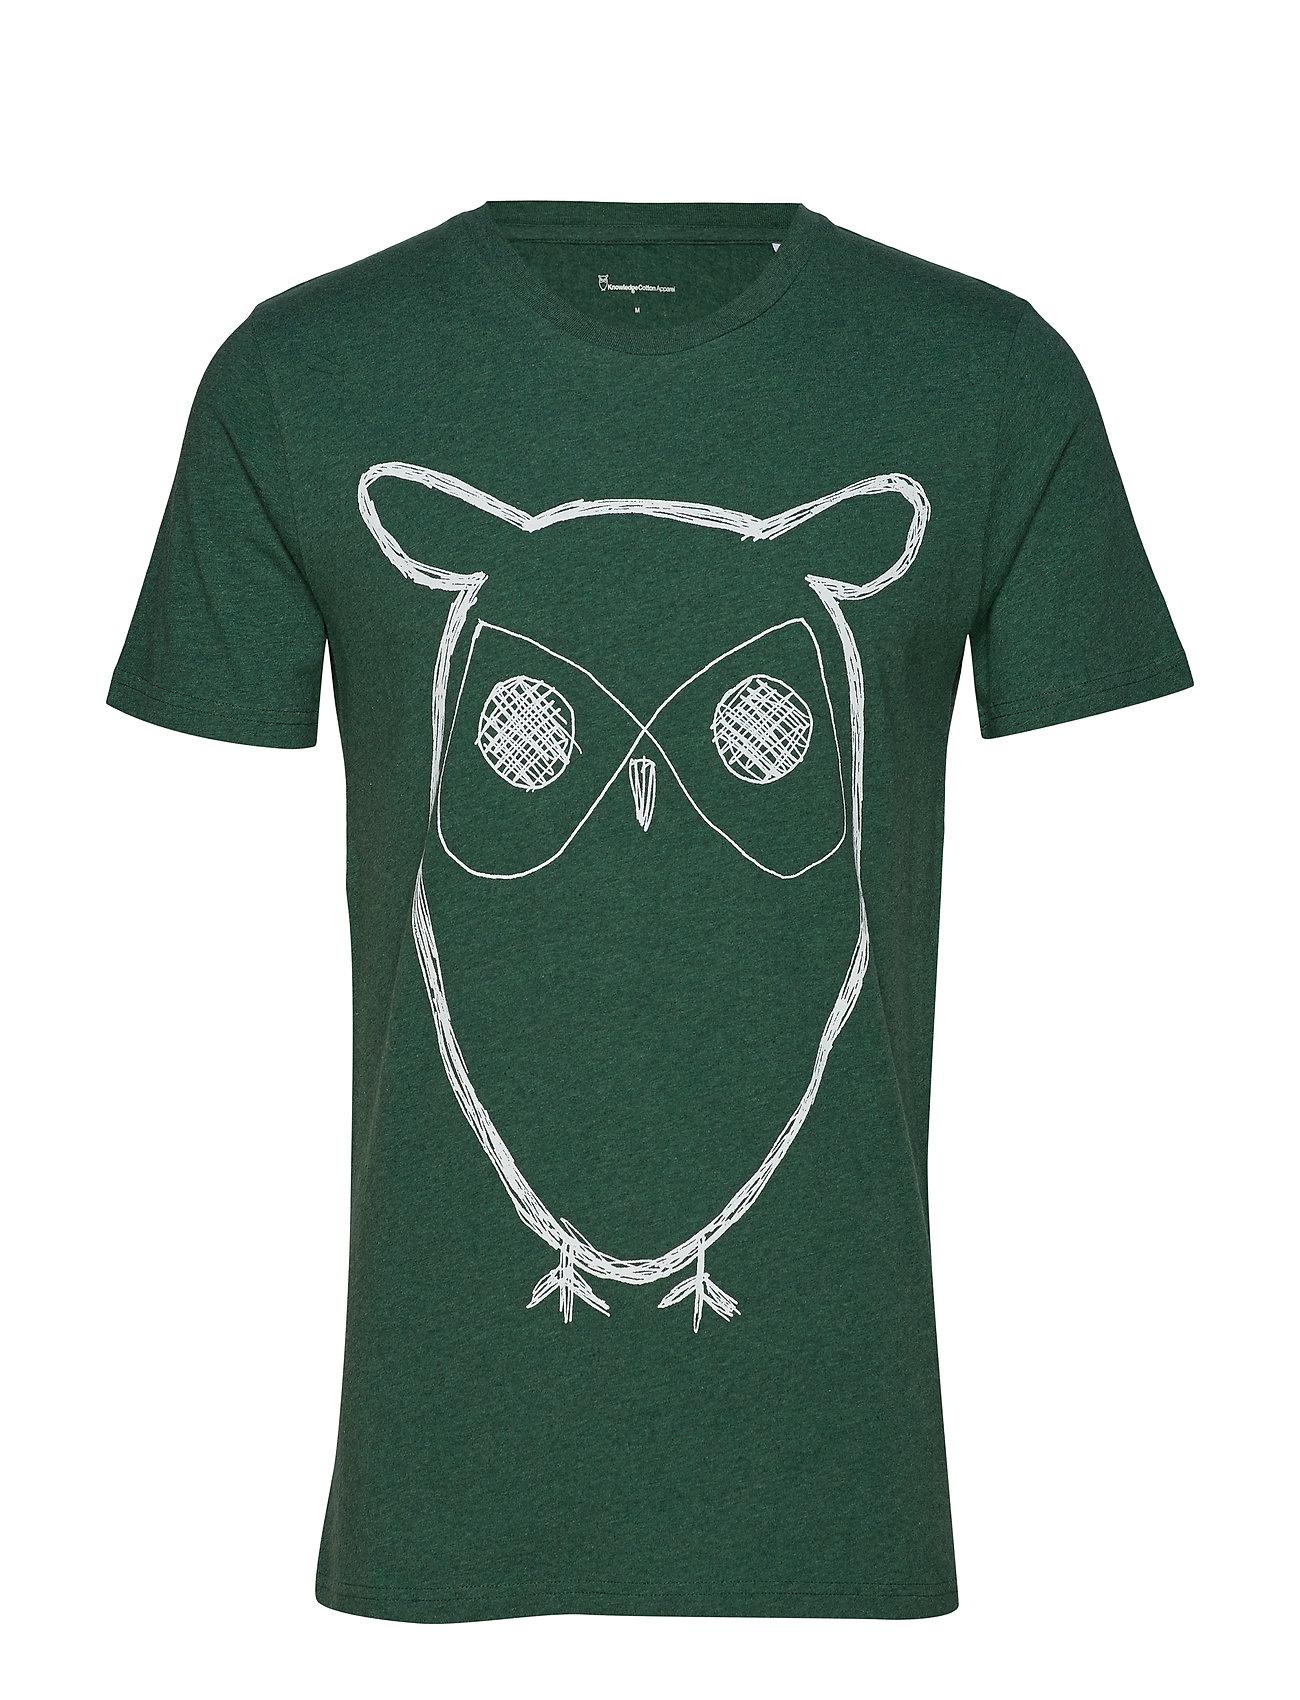 Knowledge Cotton Apparel ALDER big owl tee - GOTS/Vegan - BLACK FORREST MELANGE